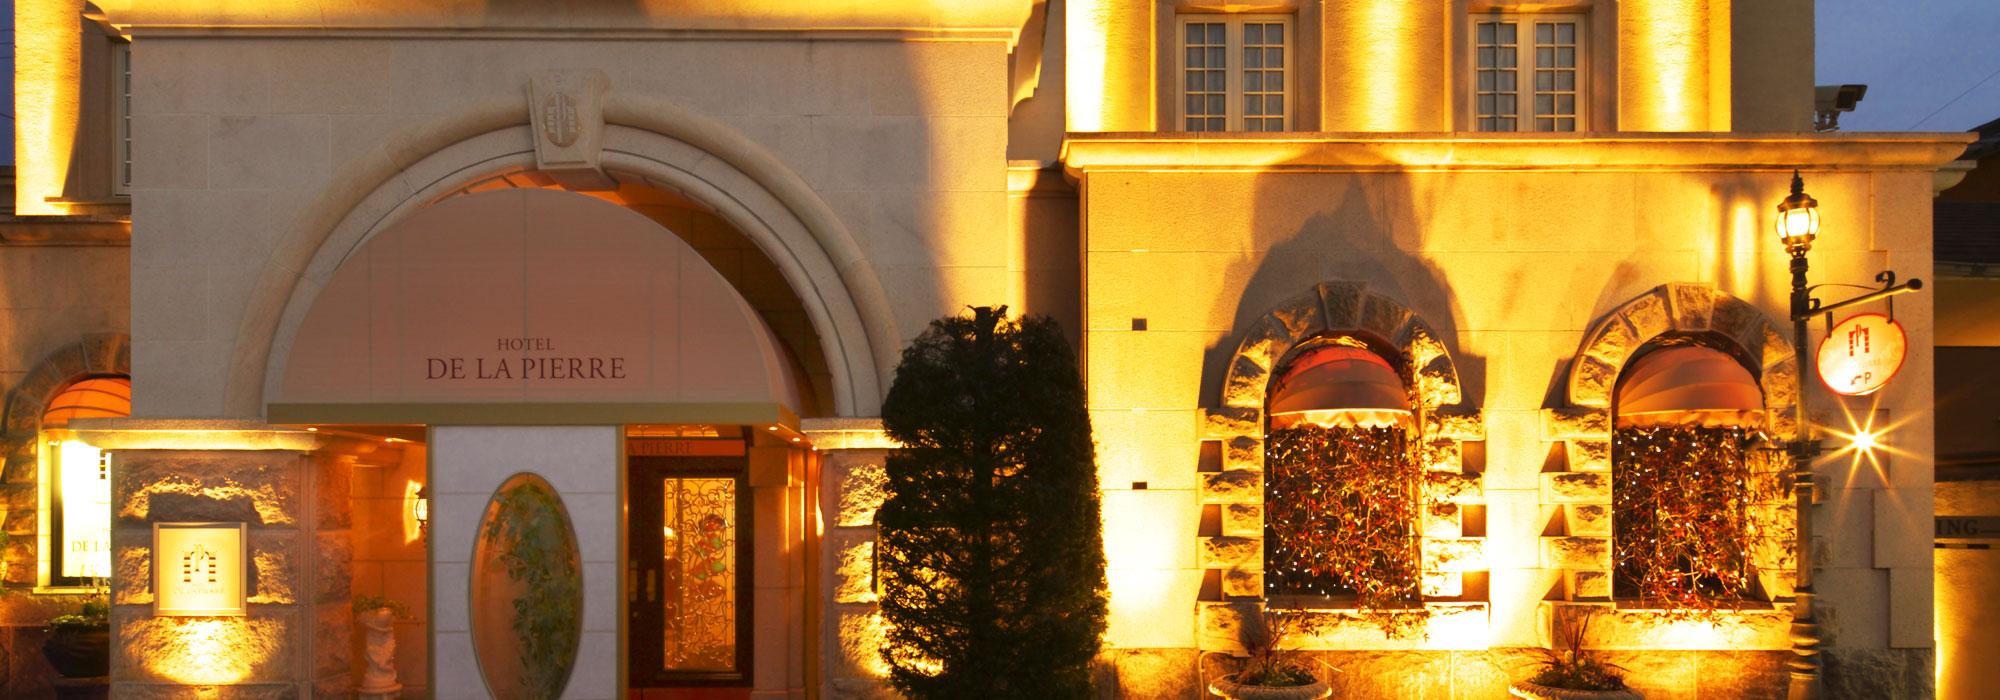 HOTEL DE LA PIERRE|京都五山送り火の鑑賞スポットの御案内です。